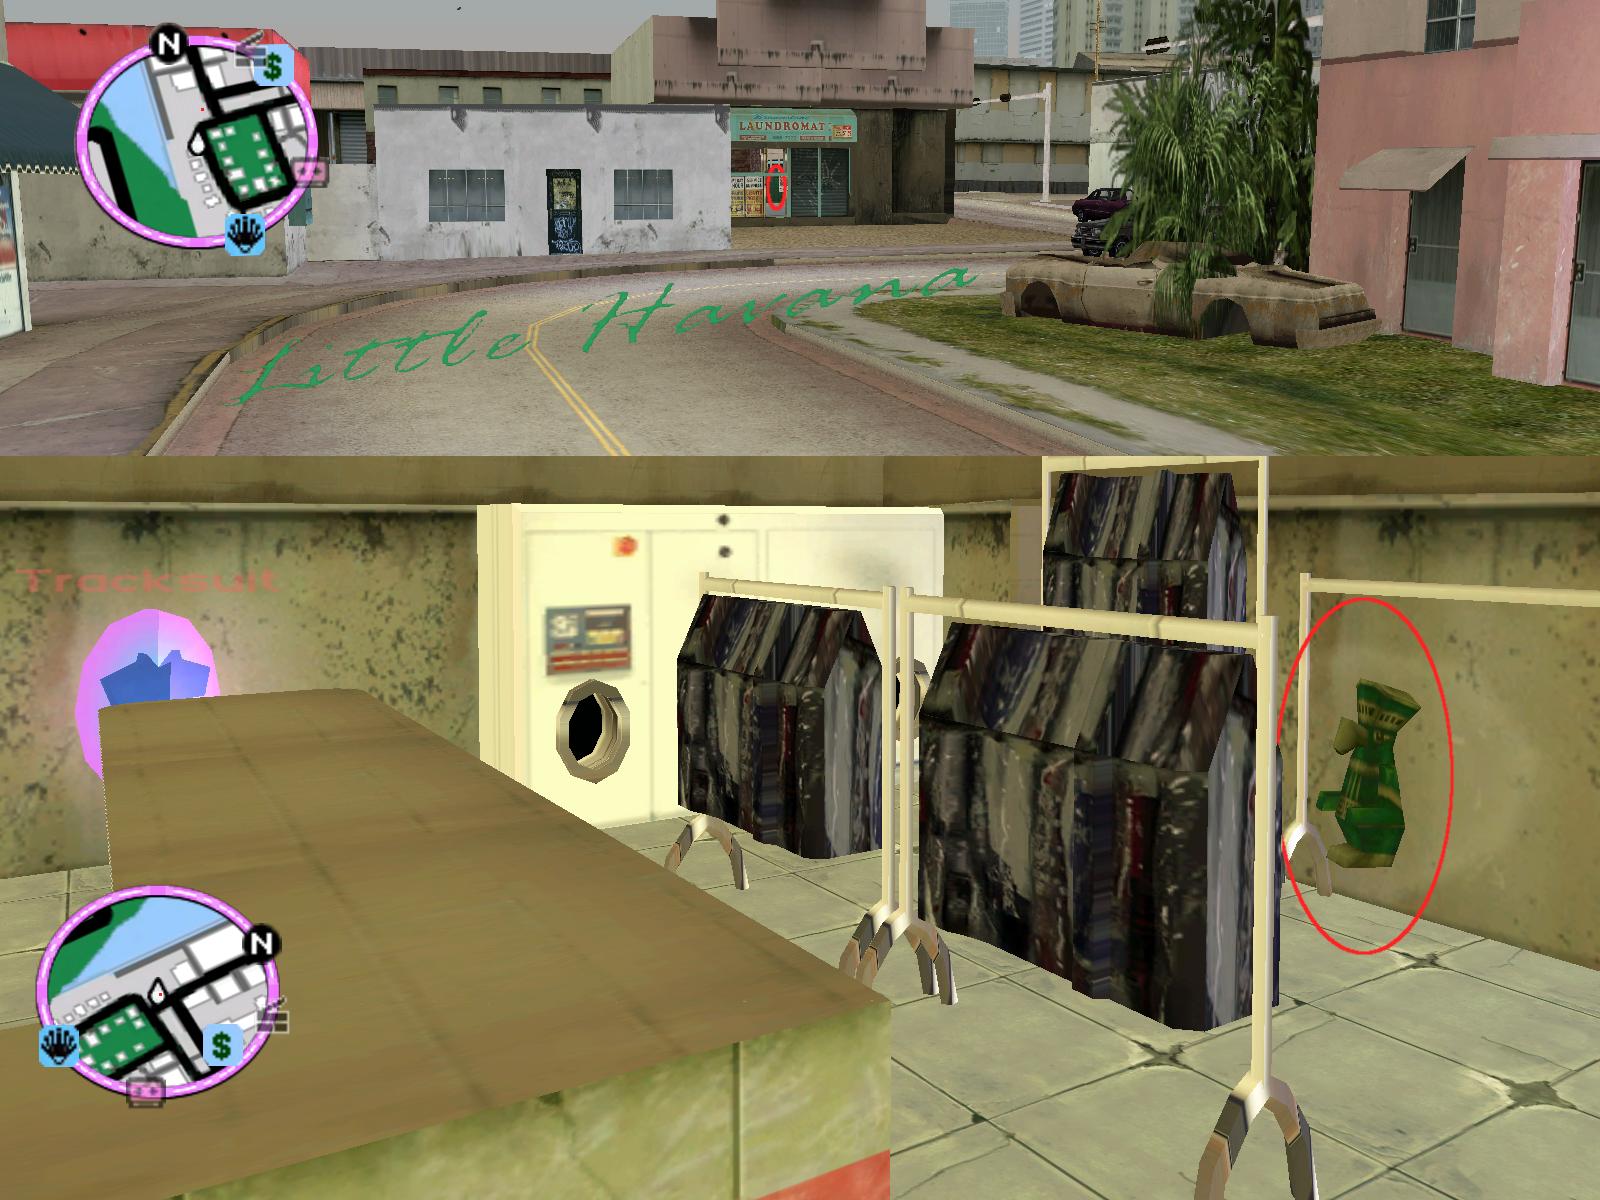 GTAVC HiddenPack 72 NE corner inside laundromat